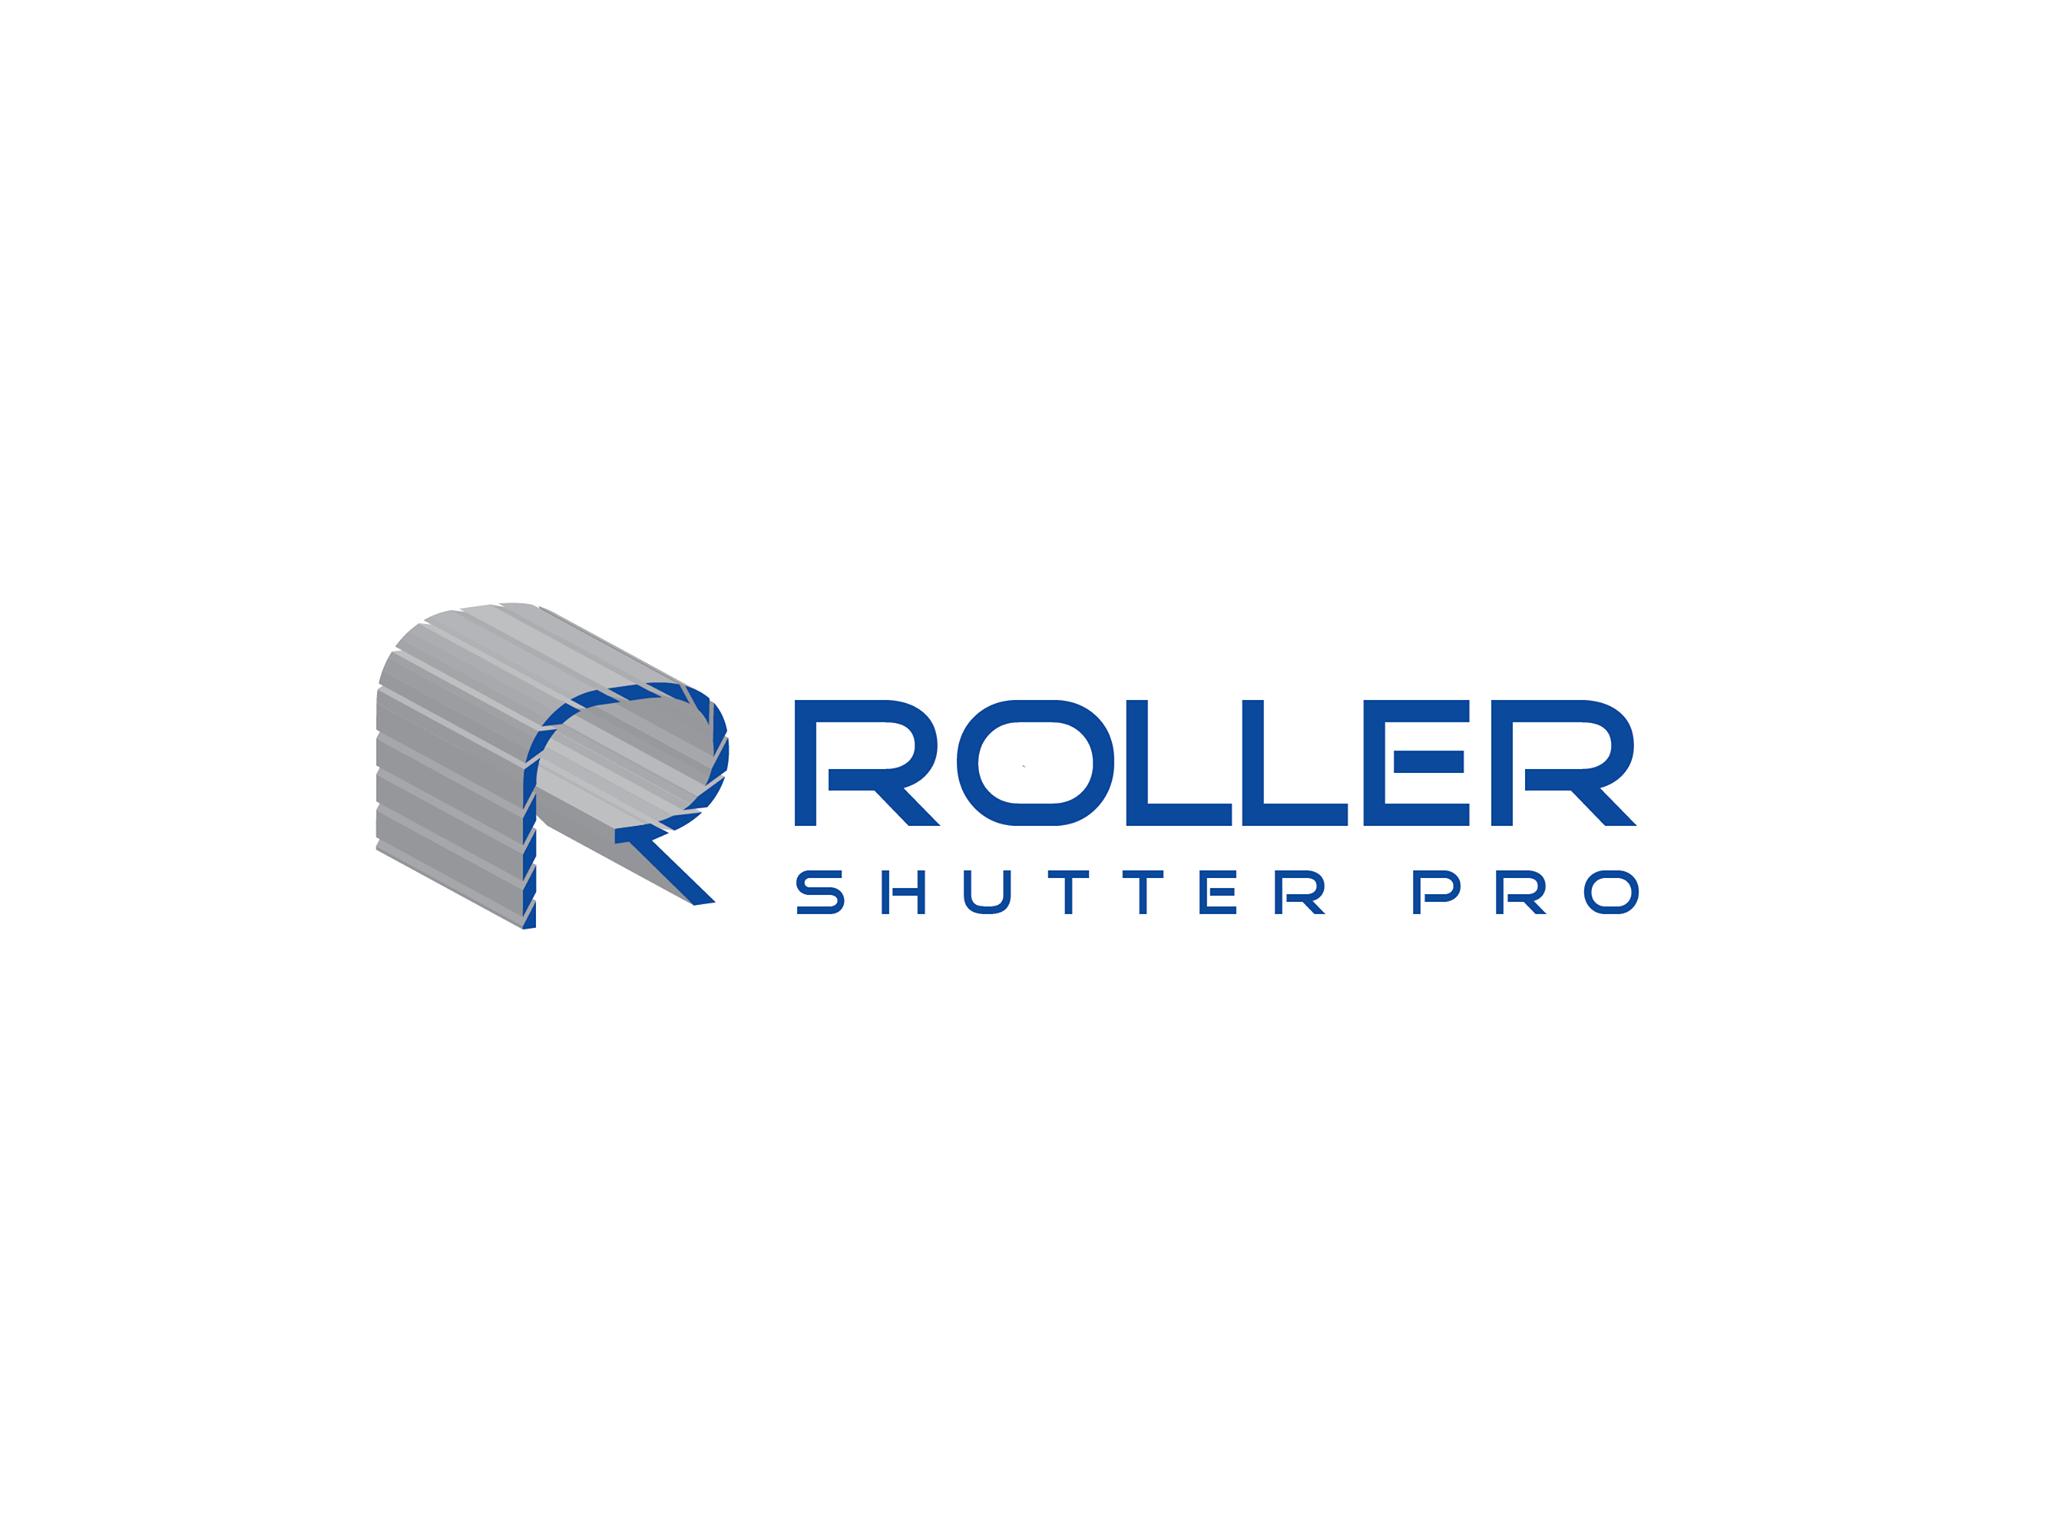 roller shutter Pro